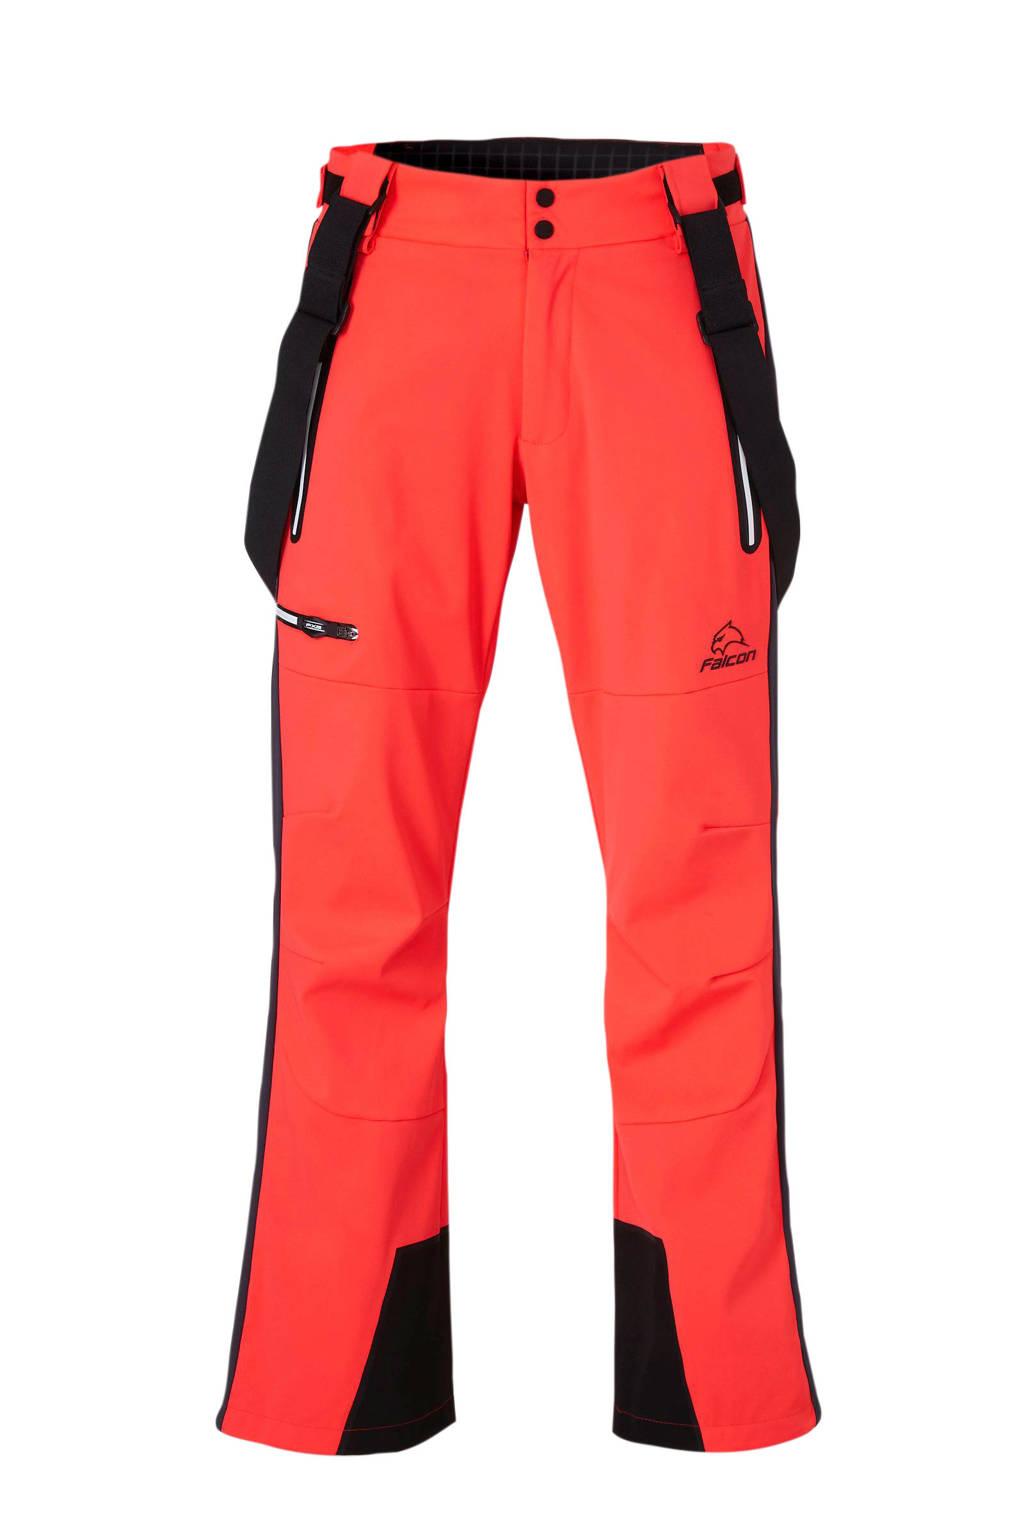 Falcon skibroek Yves oranje, Oranje